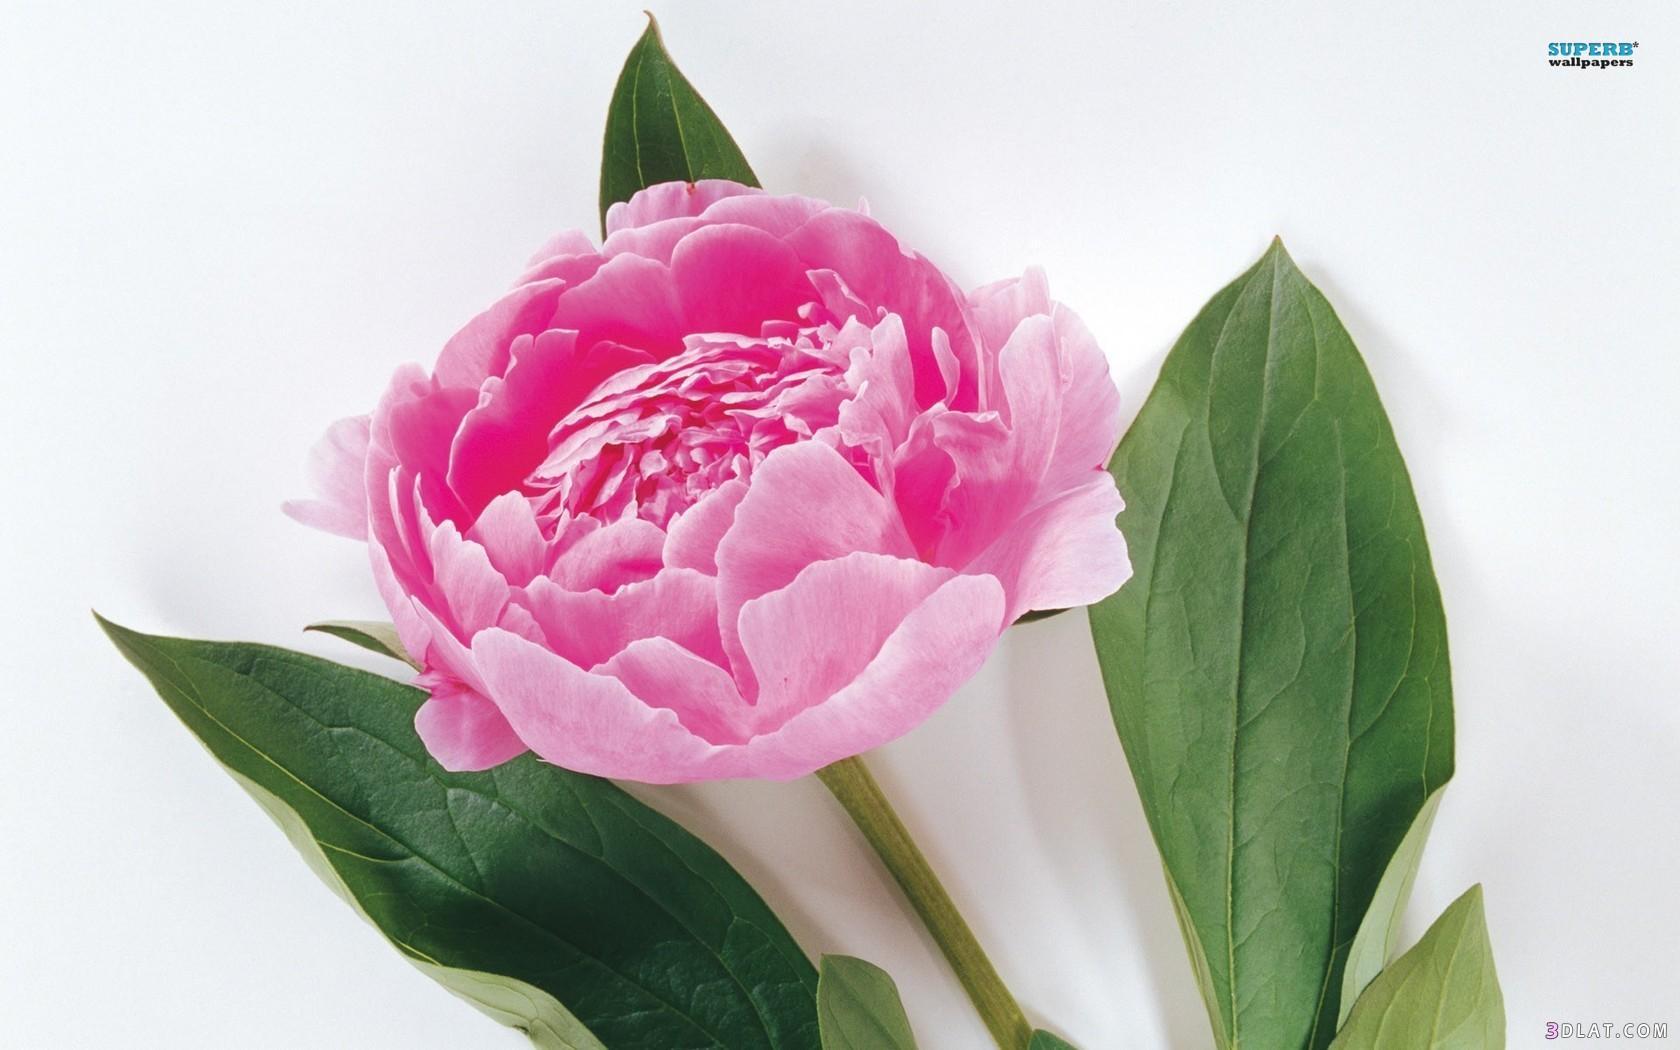 اكبر مجموعة من صور الورد الرائعة لسطح المكتب خلفيات ورود جميلة لسطح المكتب 13661439911.jpg